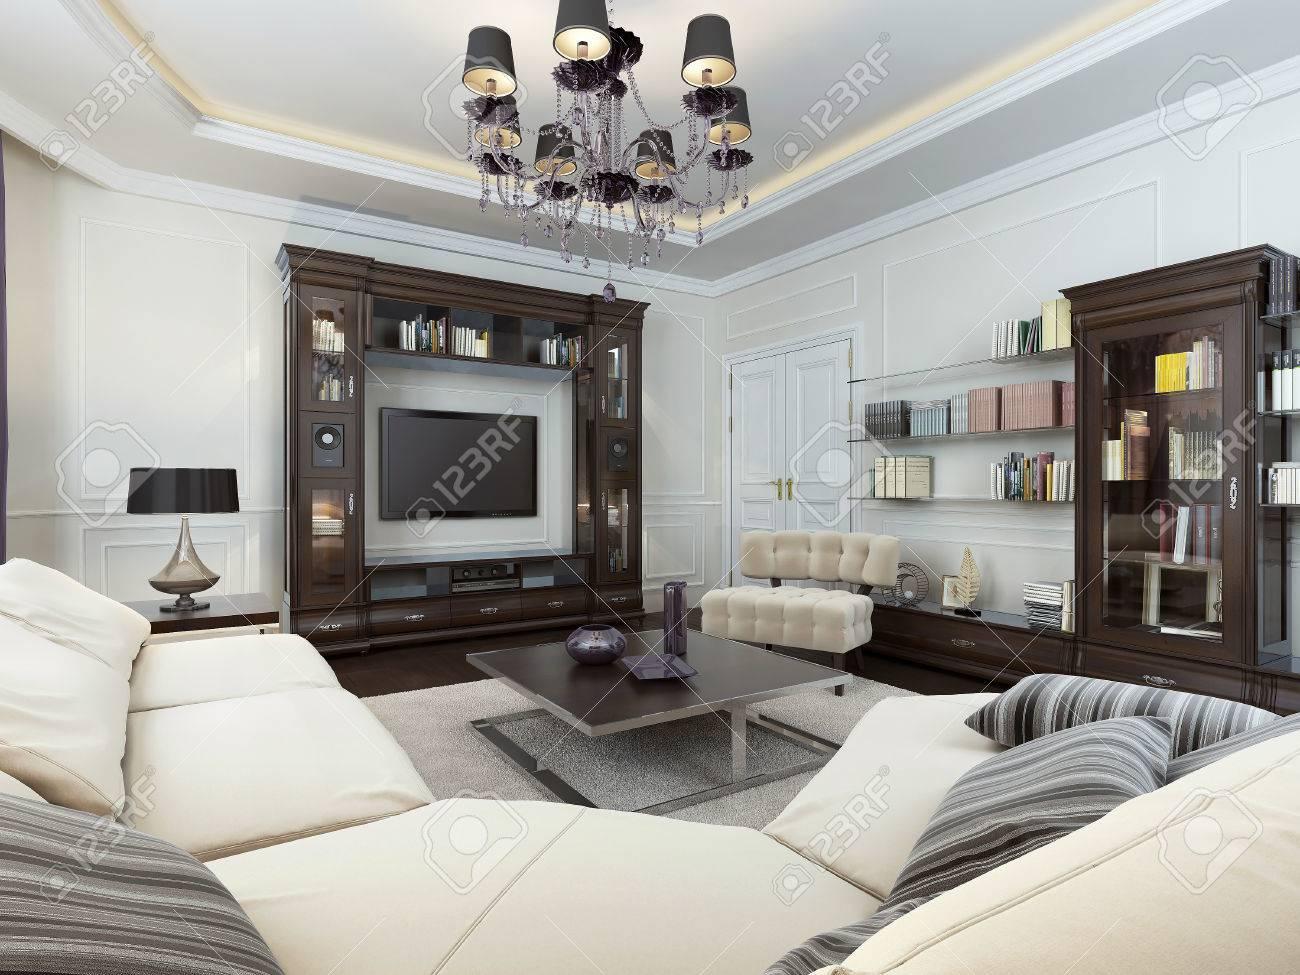 Wohnzimmer Im Art-Deco-Stil, 3D-Bilder Lizenzfreie Fotos, Bilder Und ...